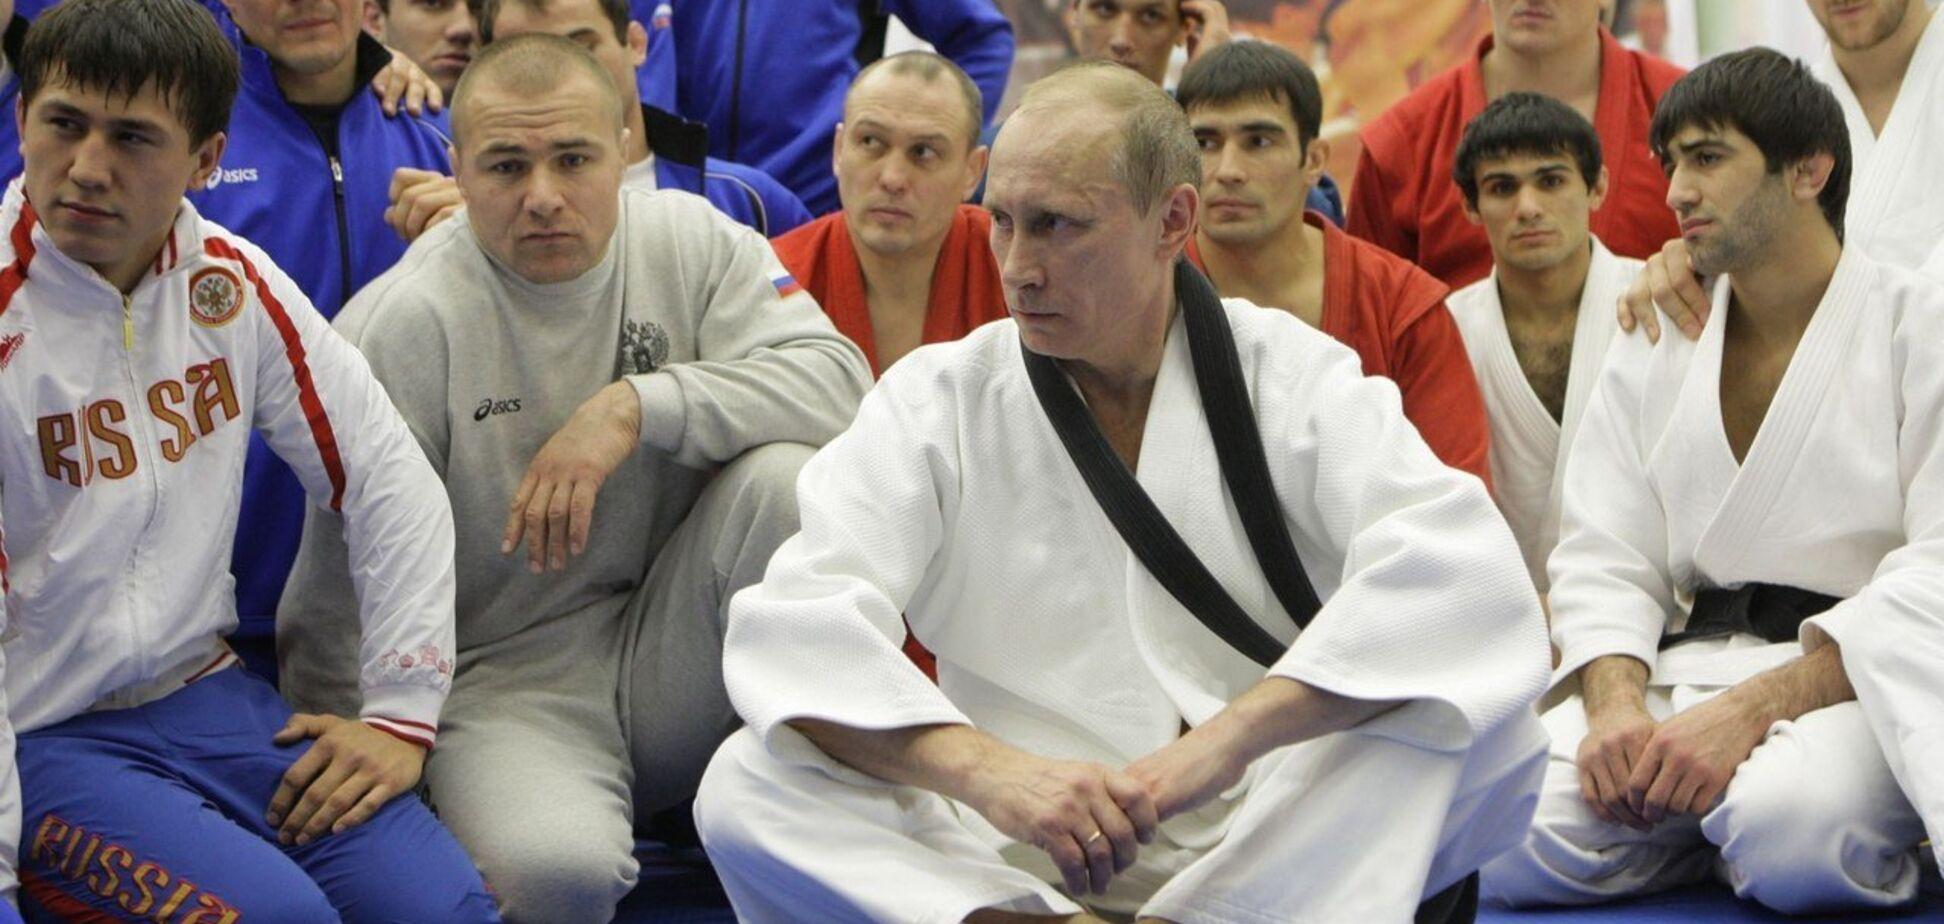 Друзьям Путина ничего не грозит: в РФ предугадали ответ на санкции